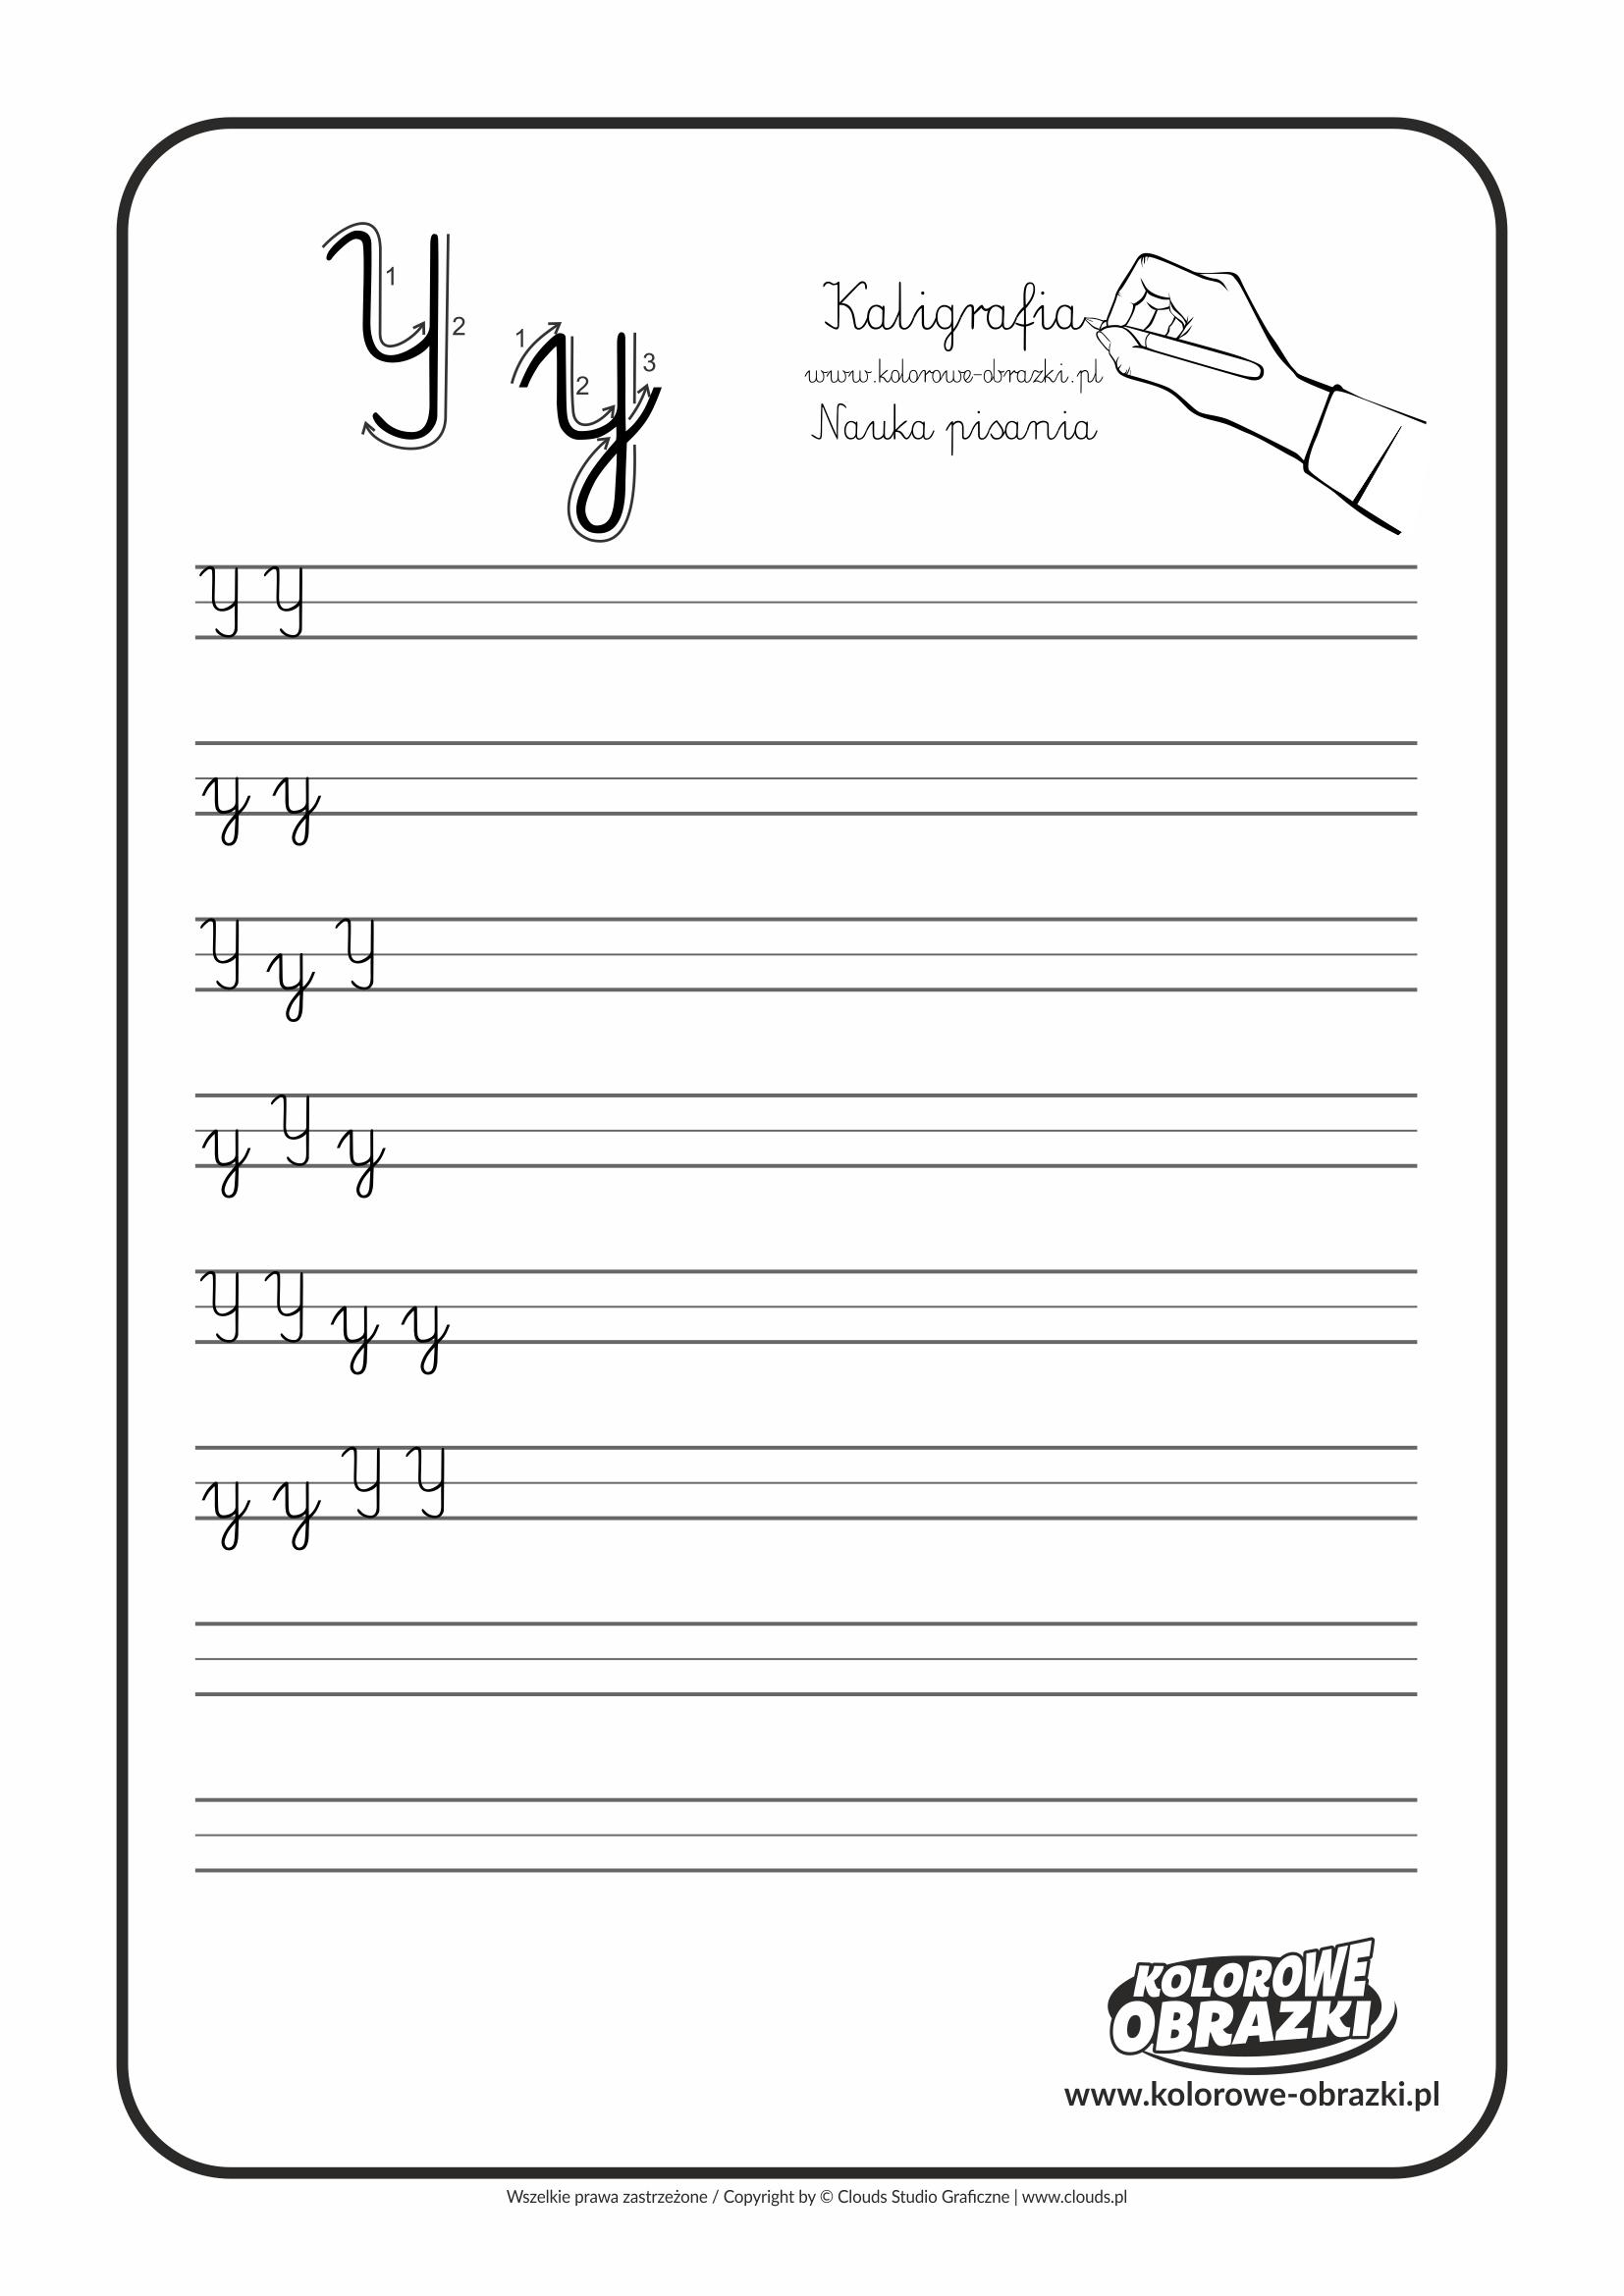 Kaligrafia dla dzieci - Ćwiczenia kaligraficzne / Litera Y. Nauka pisania litery Y